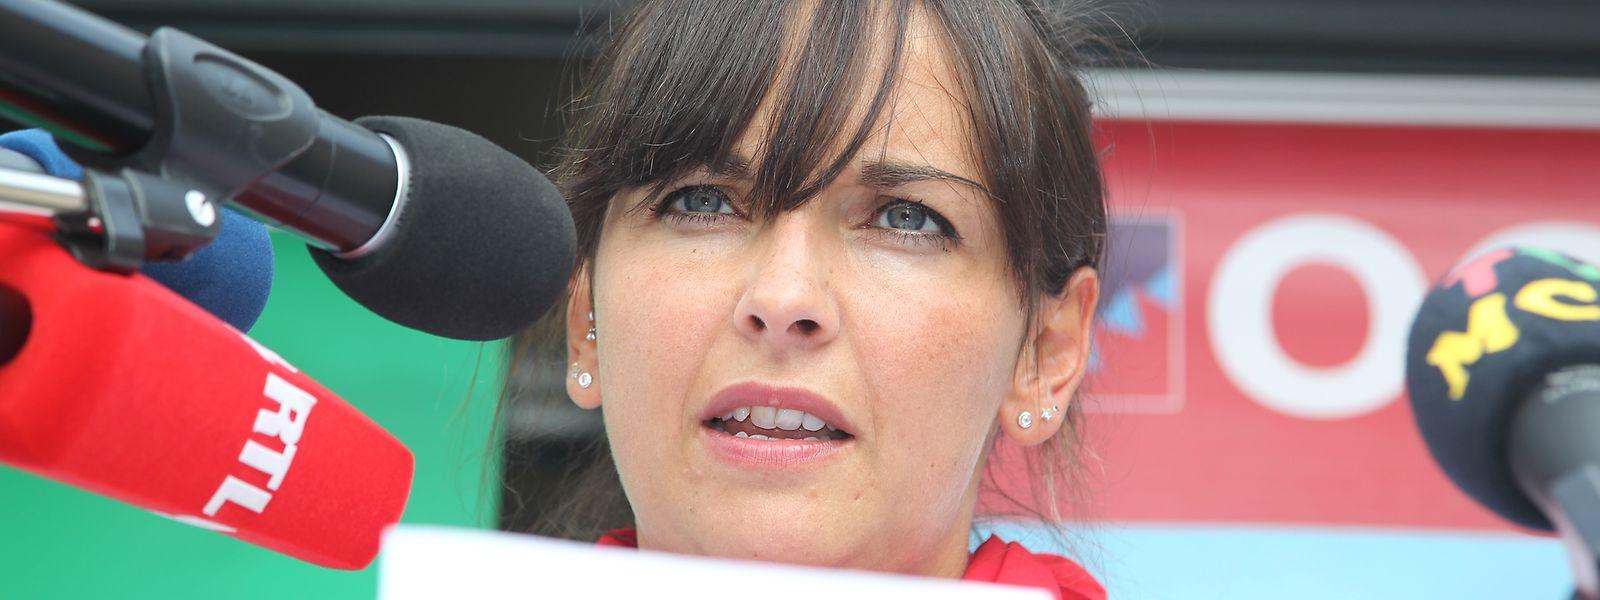 Nora Back, nouvelle secrétaire générale de l'OGBL, pourrait succéder à André Roeltgen, actuel président du syndicat.